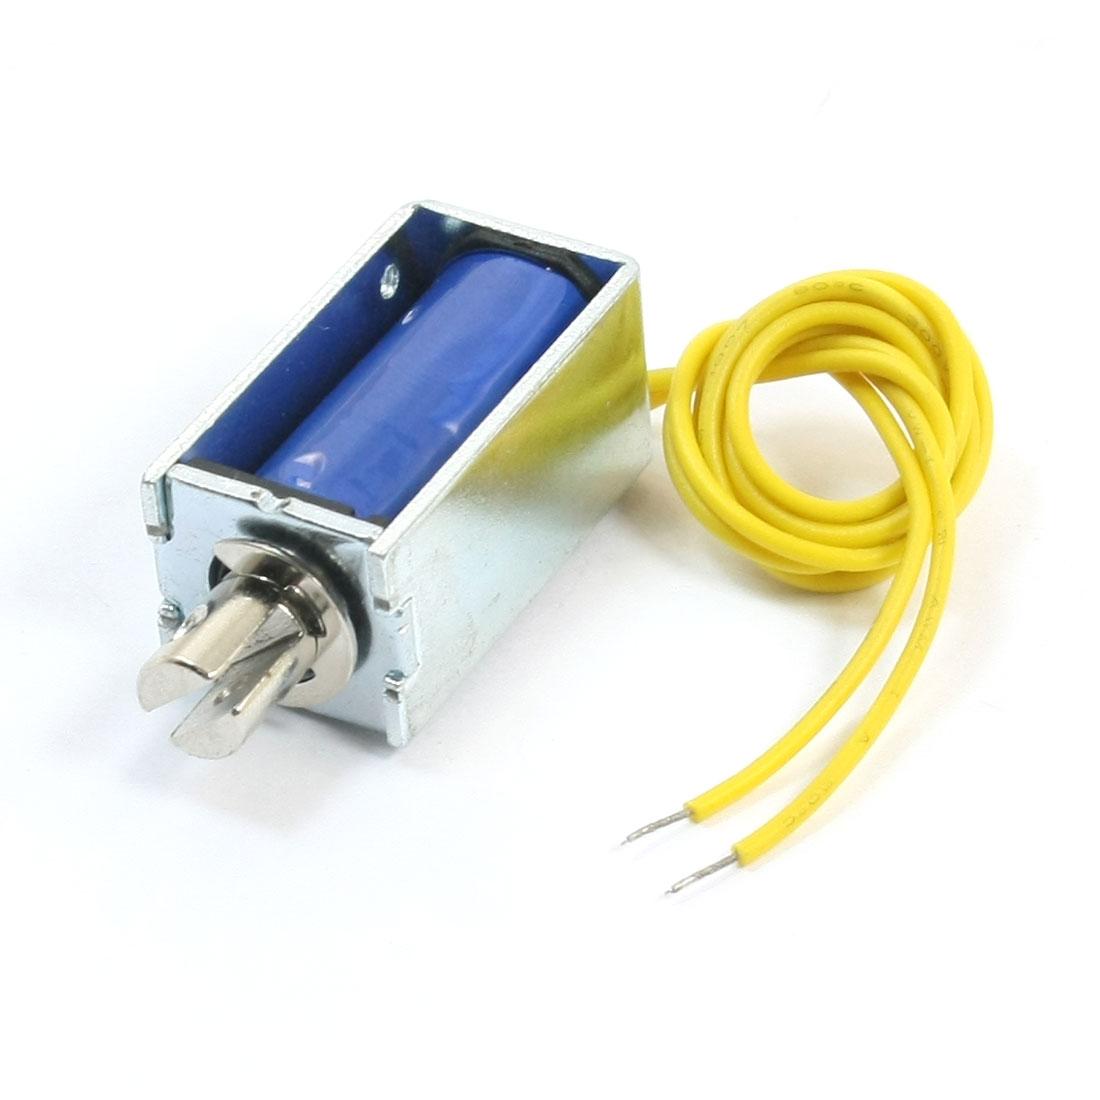 12V 0.46A 2mm 150g 5mm 50g Pull Type Action Open Frame Spring Plunger DC Solenoid Electromagnet